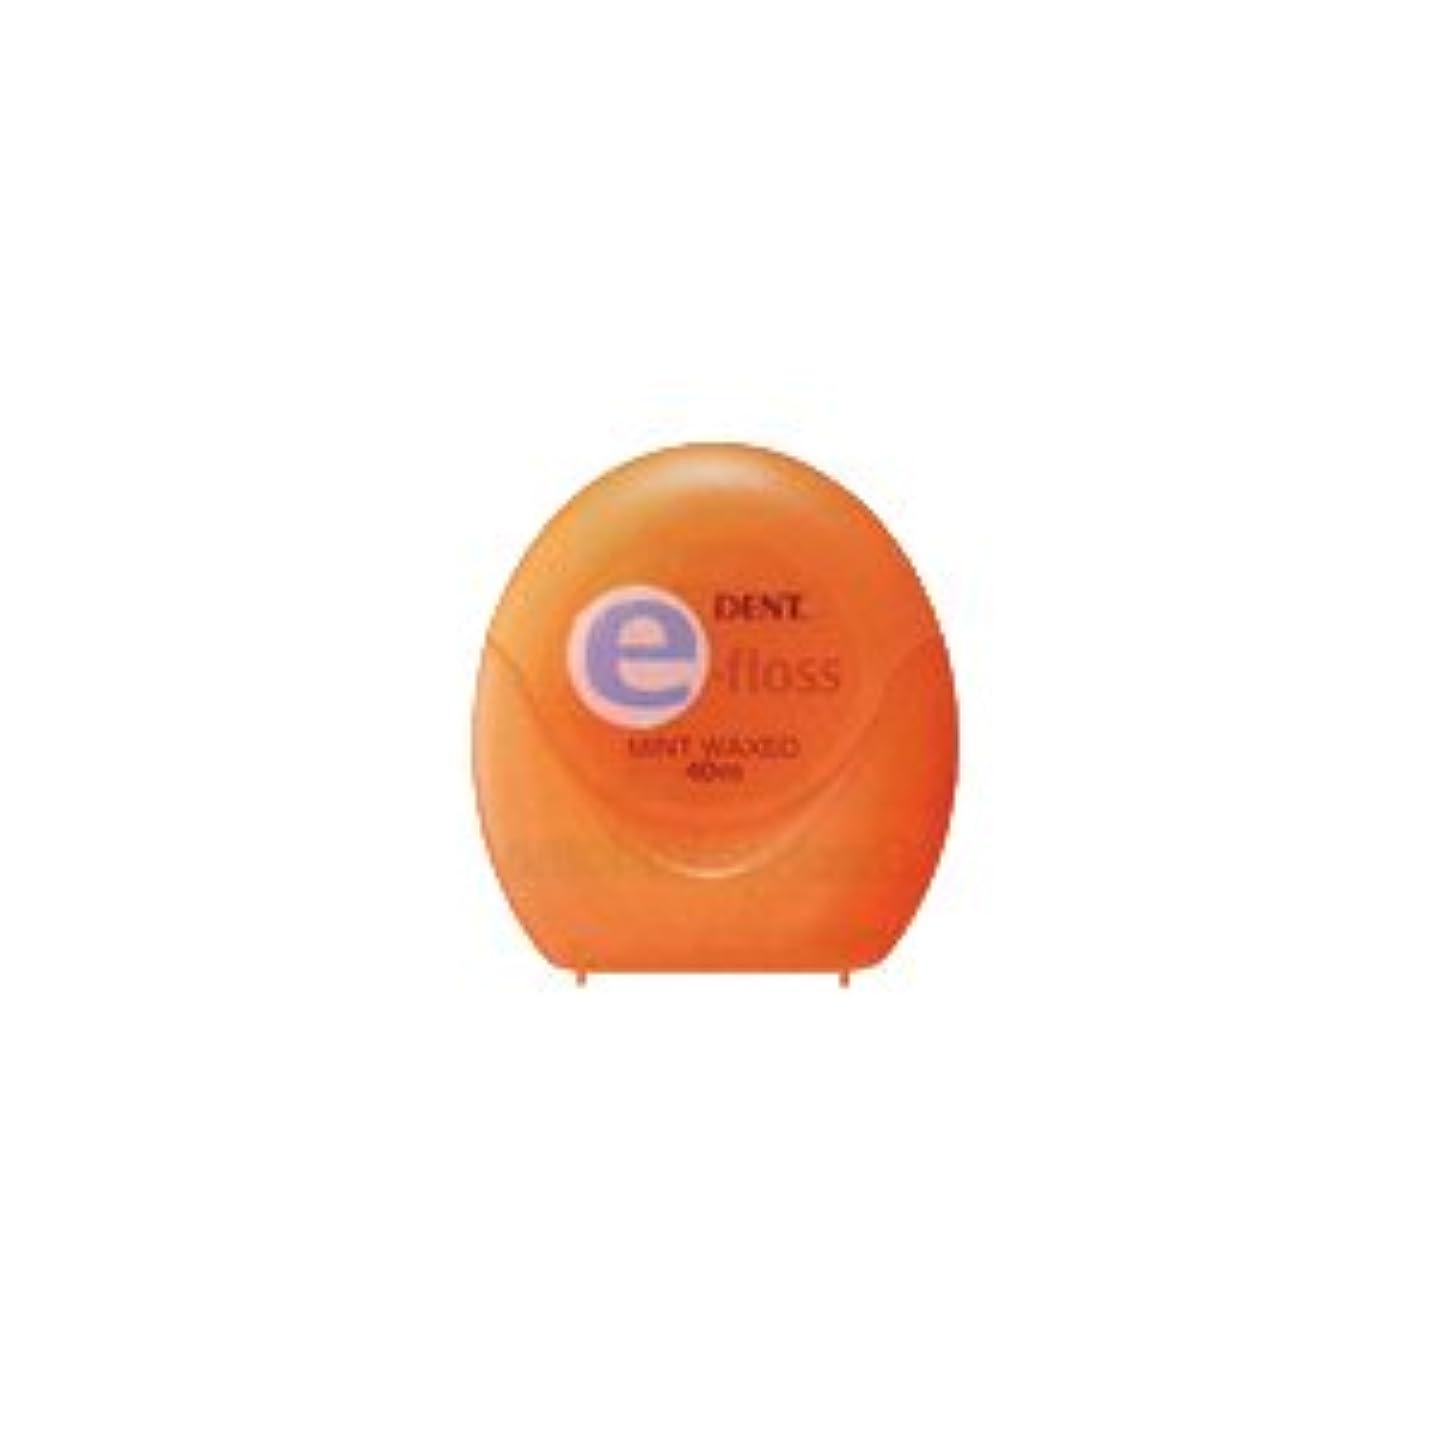 高価な描く文房具ライオン DENT.e-floss デントイーフロス 1個 (オレンジ)